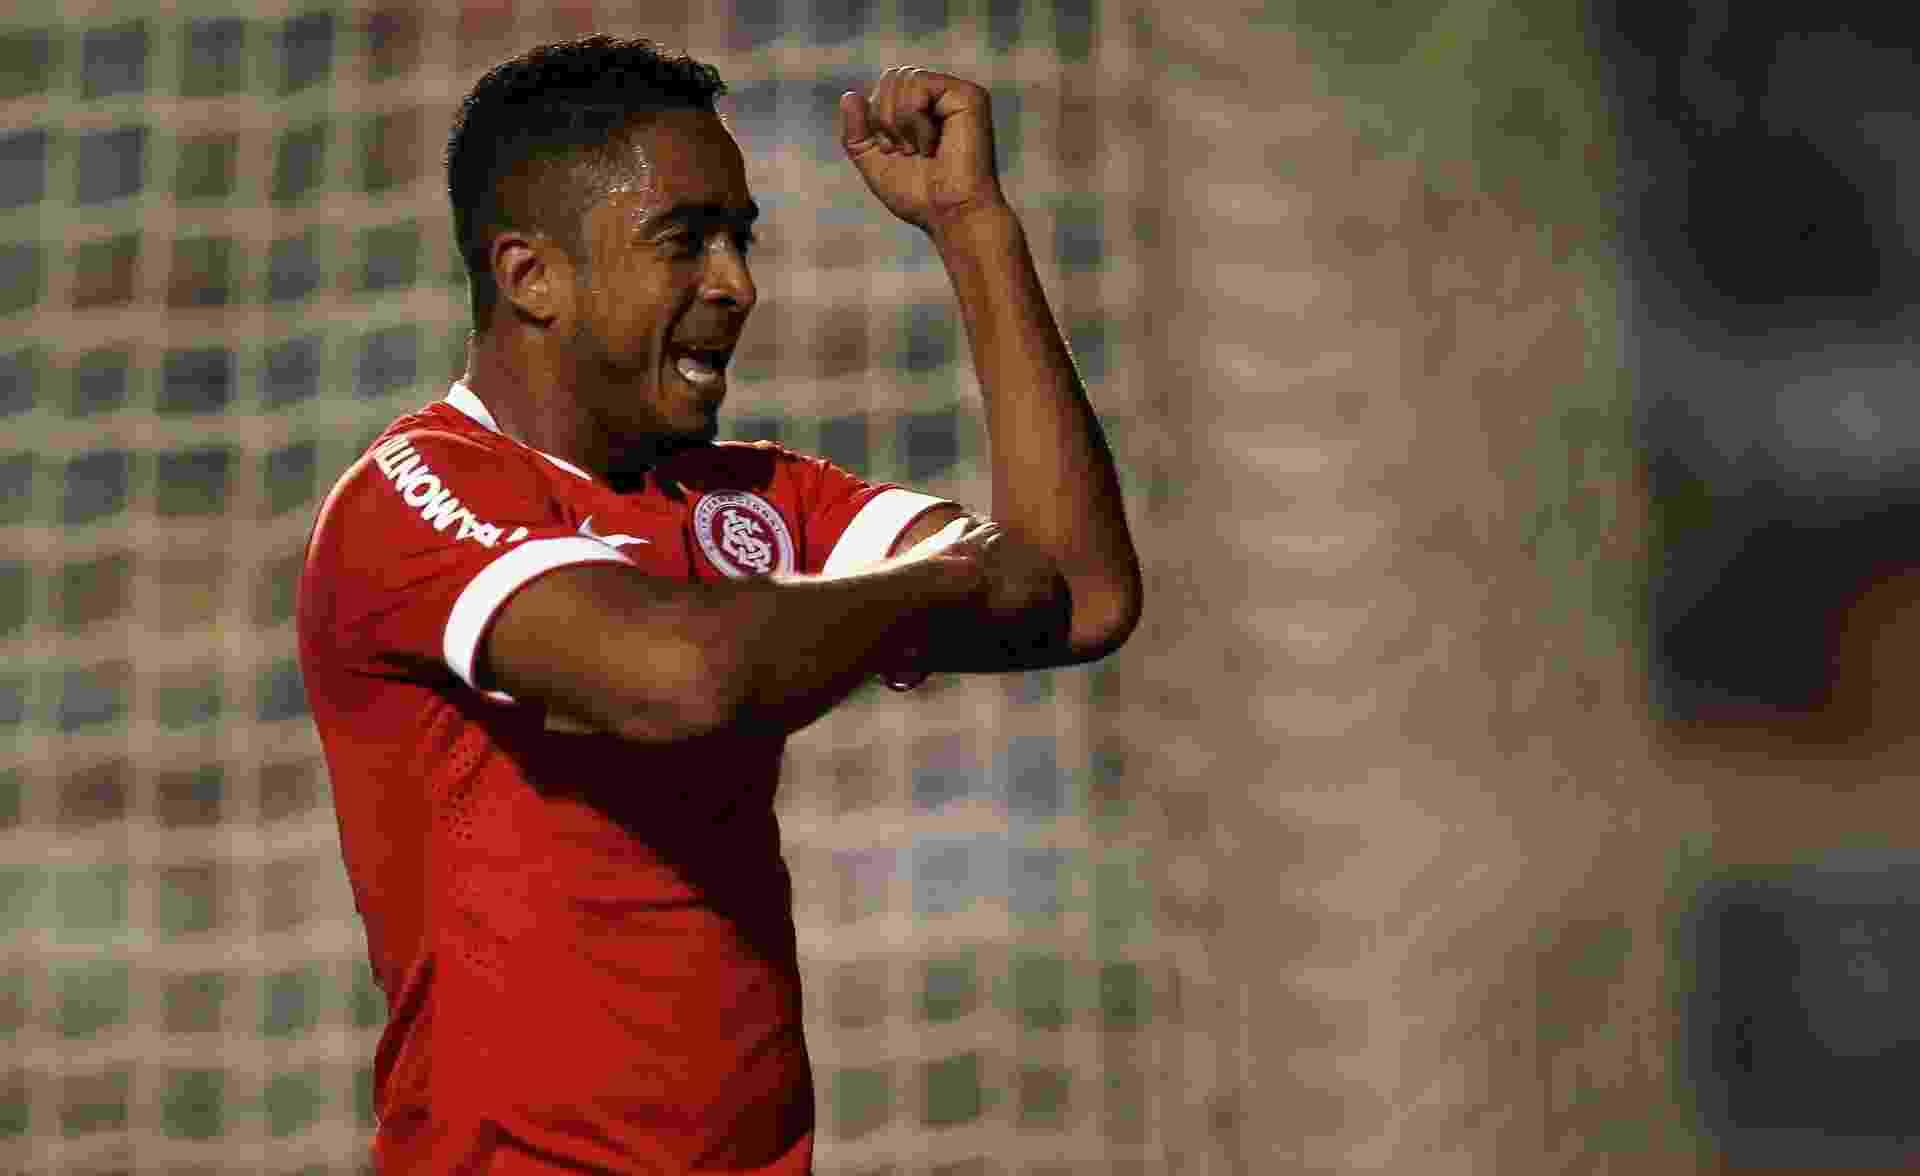 Jorge Henrique abriu o marcador na partida do Internacional contra o Palmeiras. Ex-corintiano teve ótima movimentação na etapa inicial - Friedemann Vogel/Getty Images